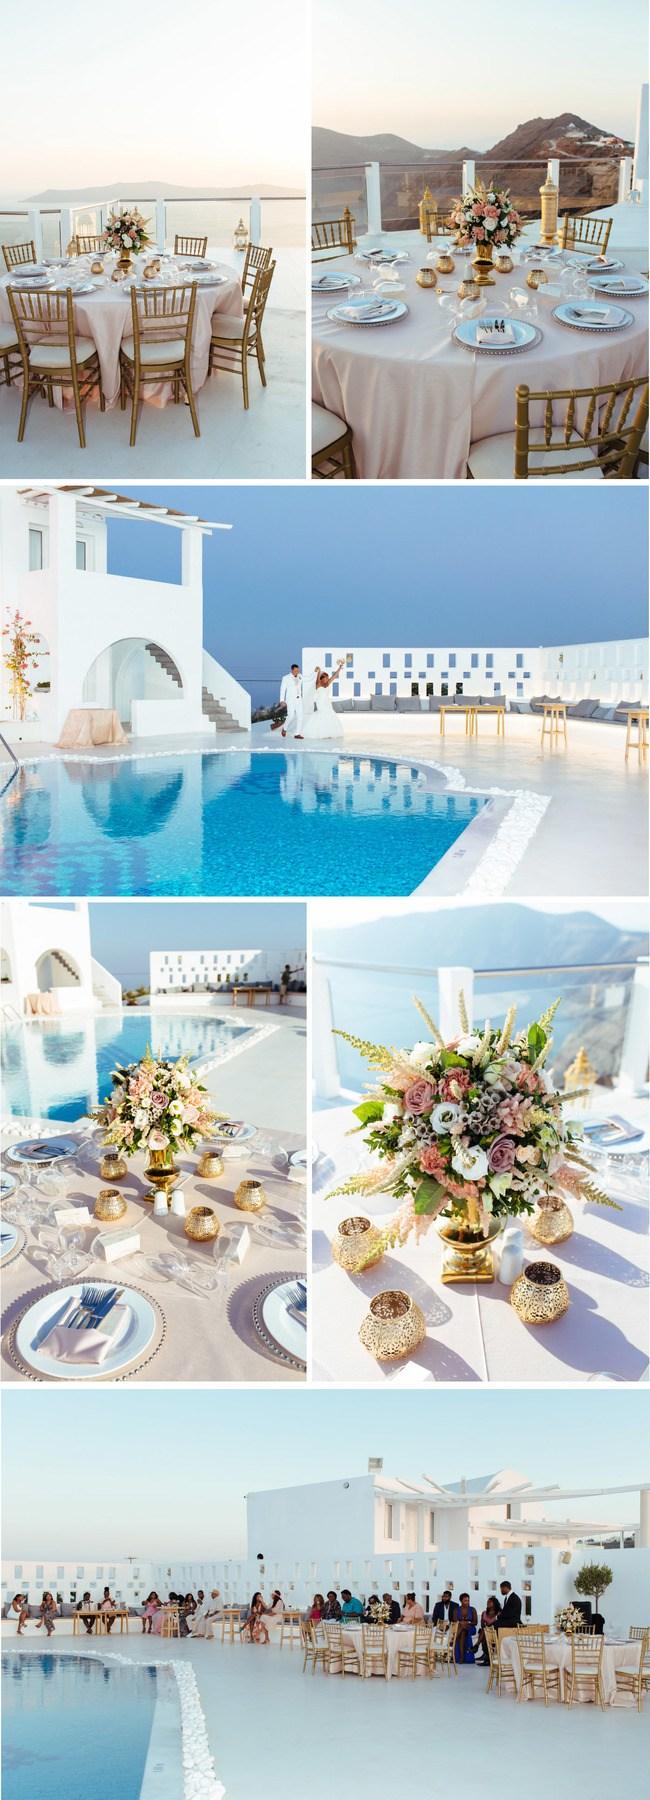 Nuage Designs - Santorini 3